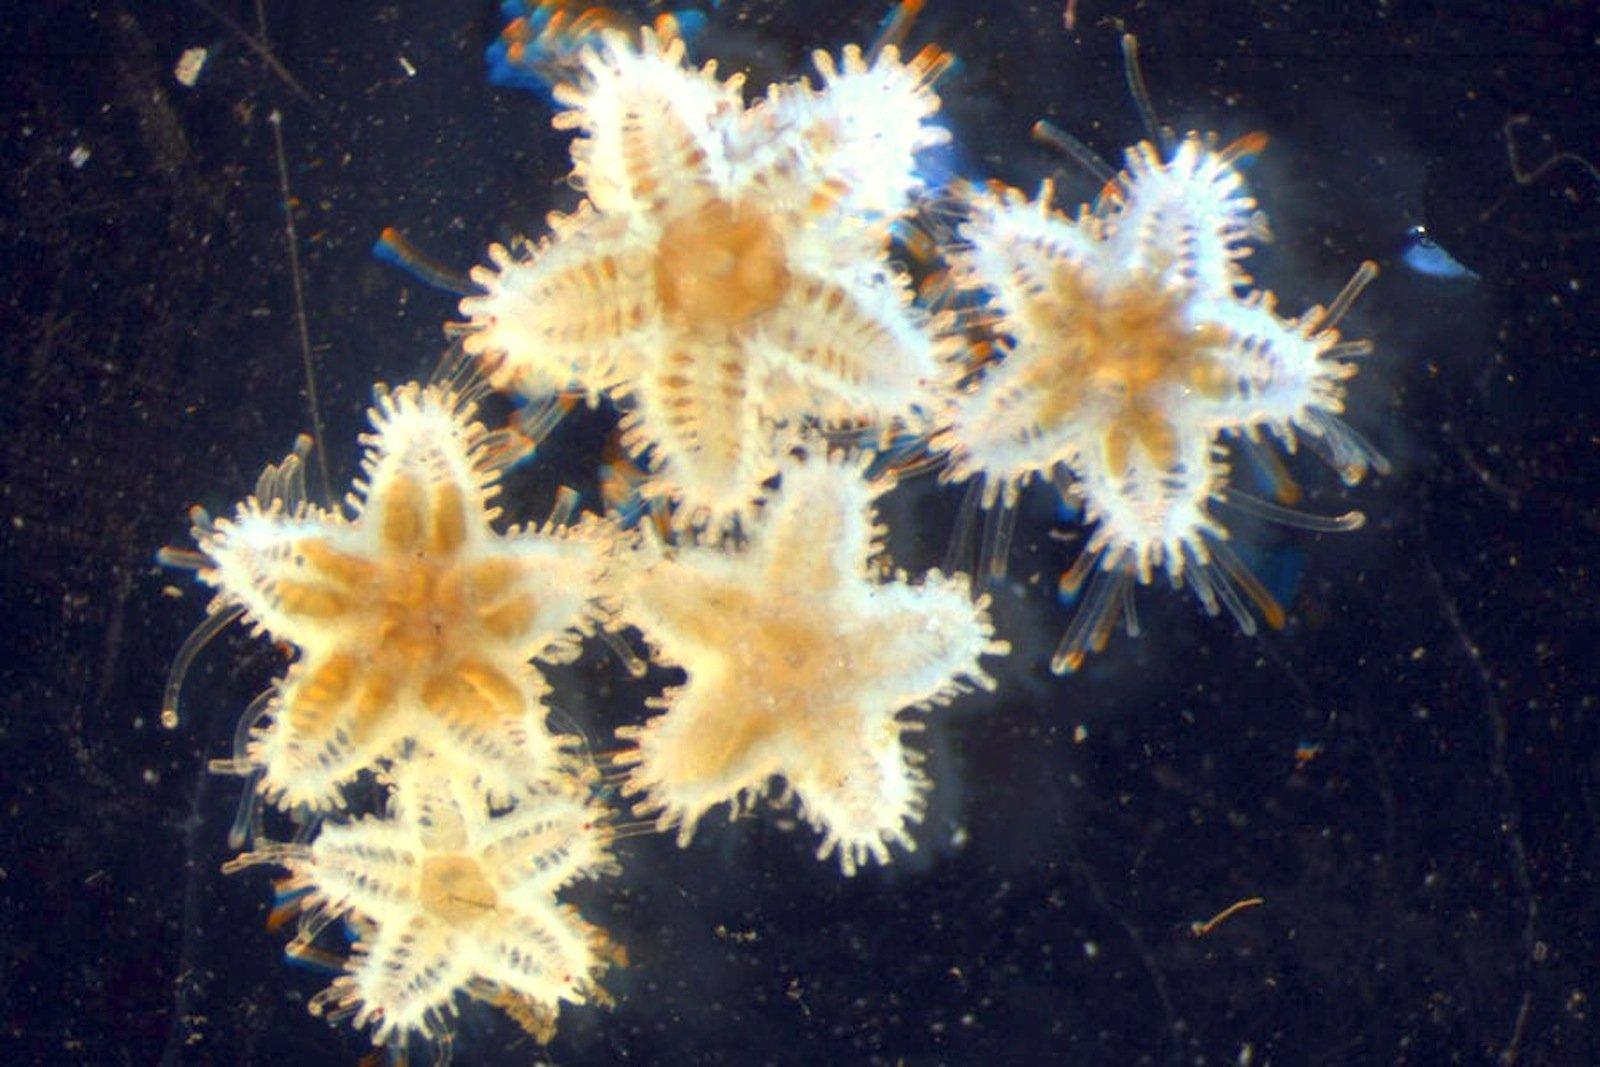 Junge Seesterne aus der Ostsee im Labor des GEOMAR Helmholtz-Zentrum für Ozeanforschung Kiel: Bei zunehmender Versauerung des Meeres wachsen Seesterne langsamer.